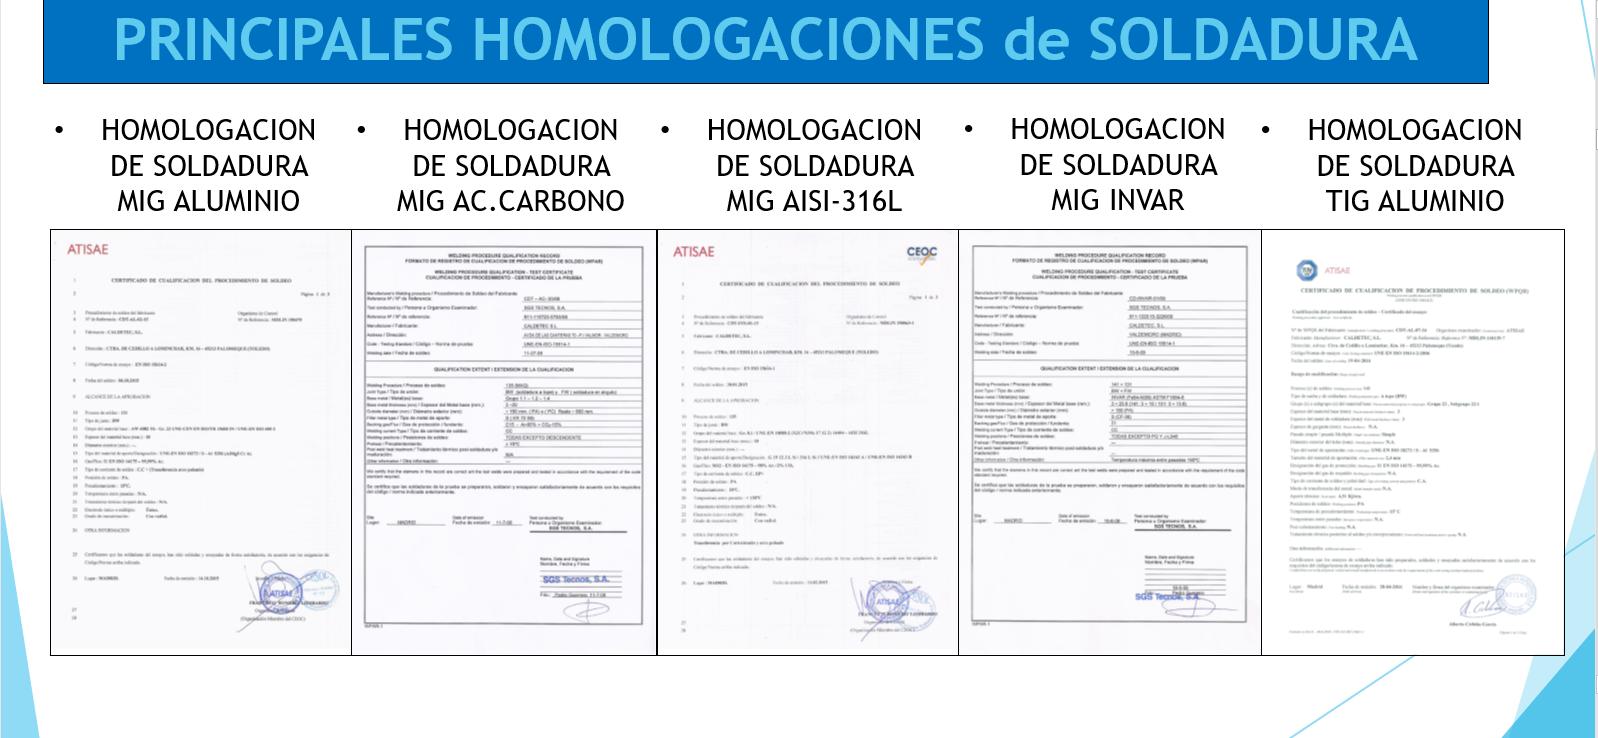 homologaciones - Calderería y Soldadura